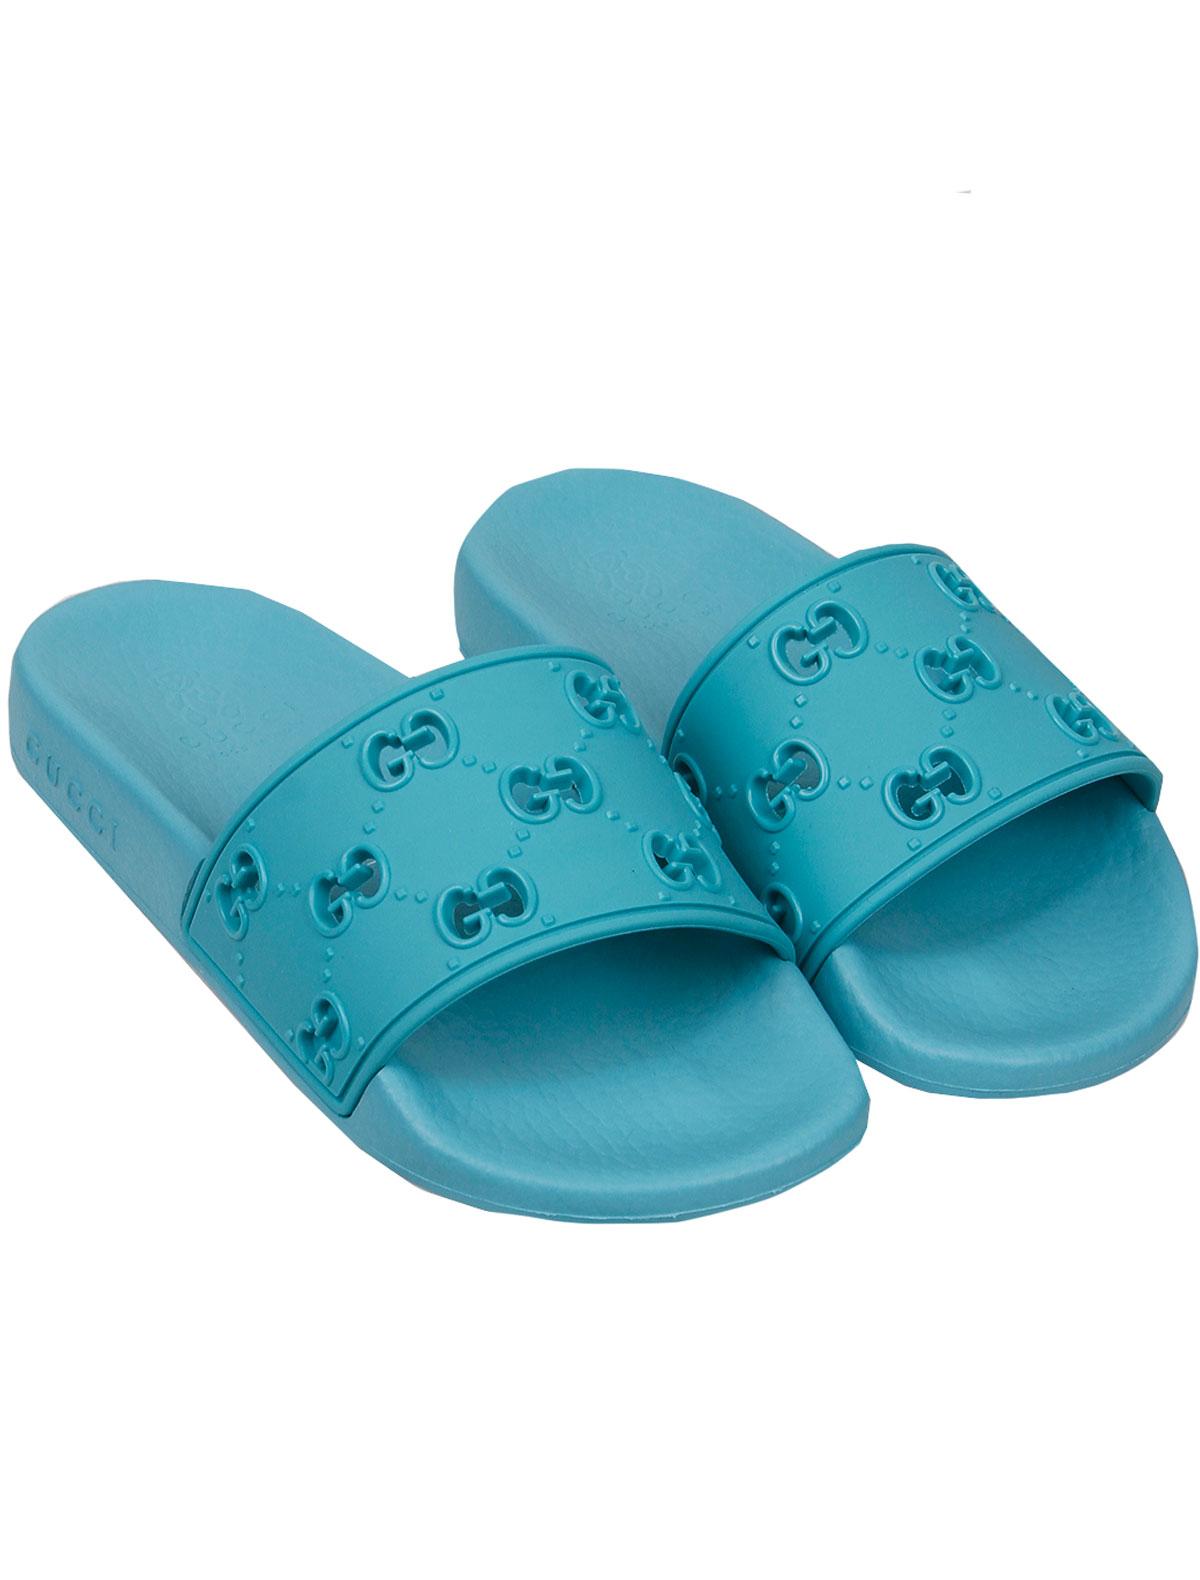 2159477, Шлепанцы пляжные GUCCI, голубой, 2281529070059  - купить со скидкой